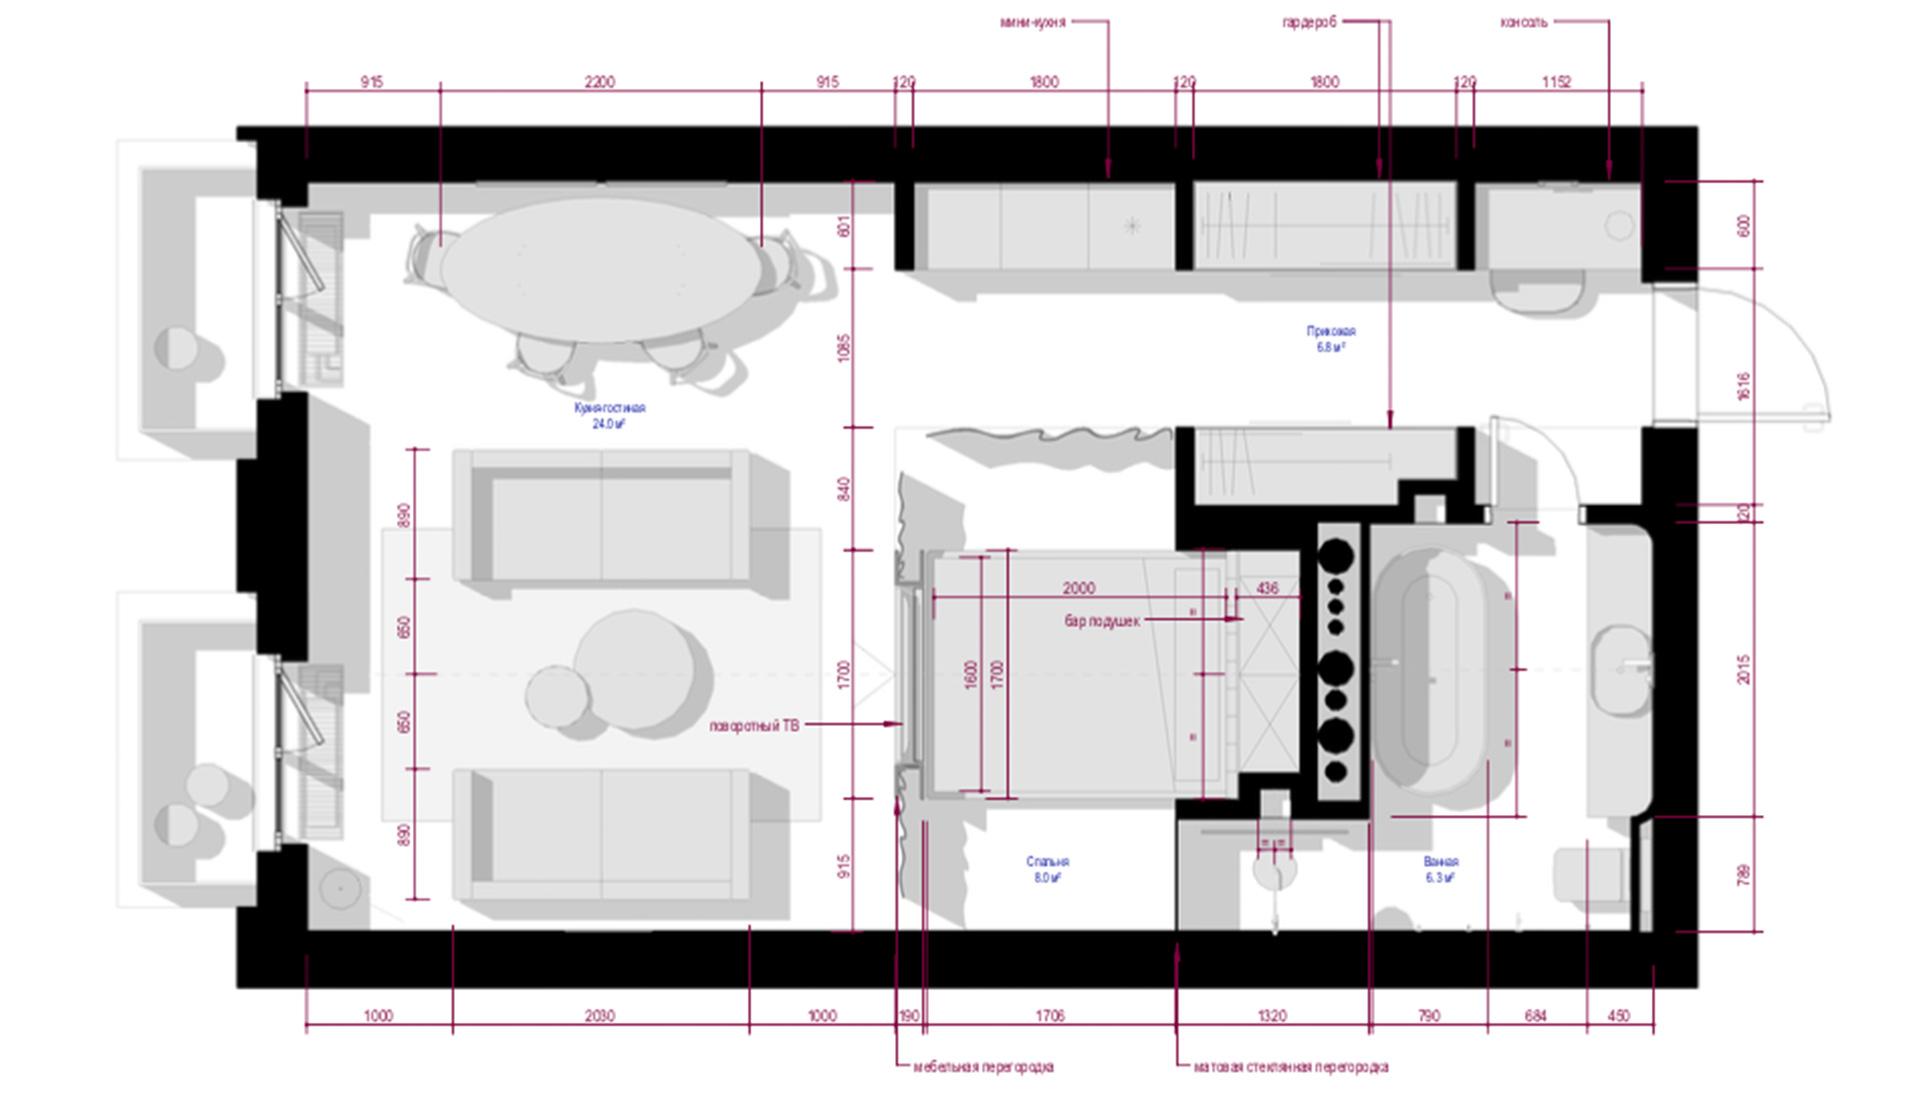 планировка квартиры 45 кв метров фото